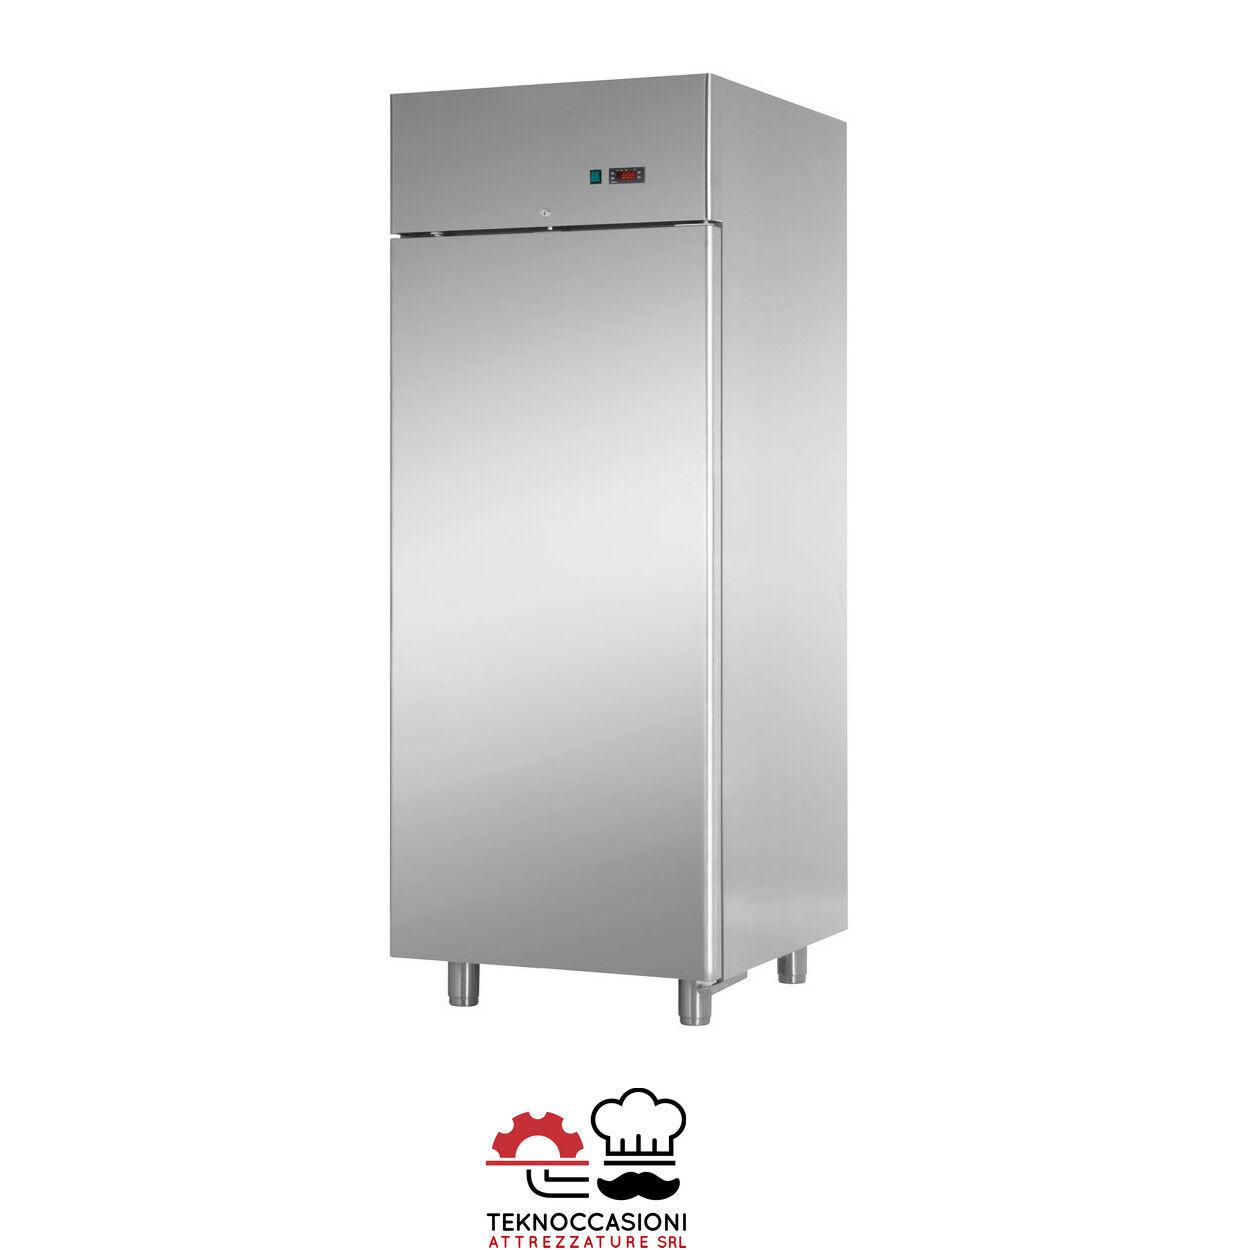 Armadio Congelatore ventilato BT 700 litri ristorante pasticceria gastronomia